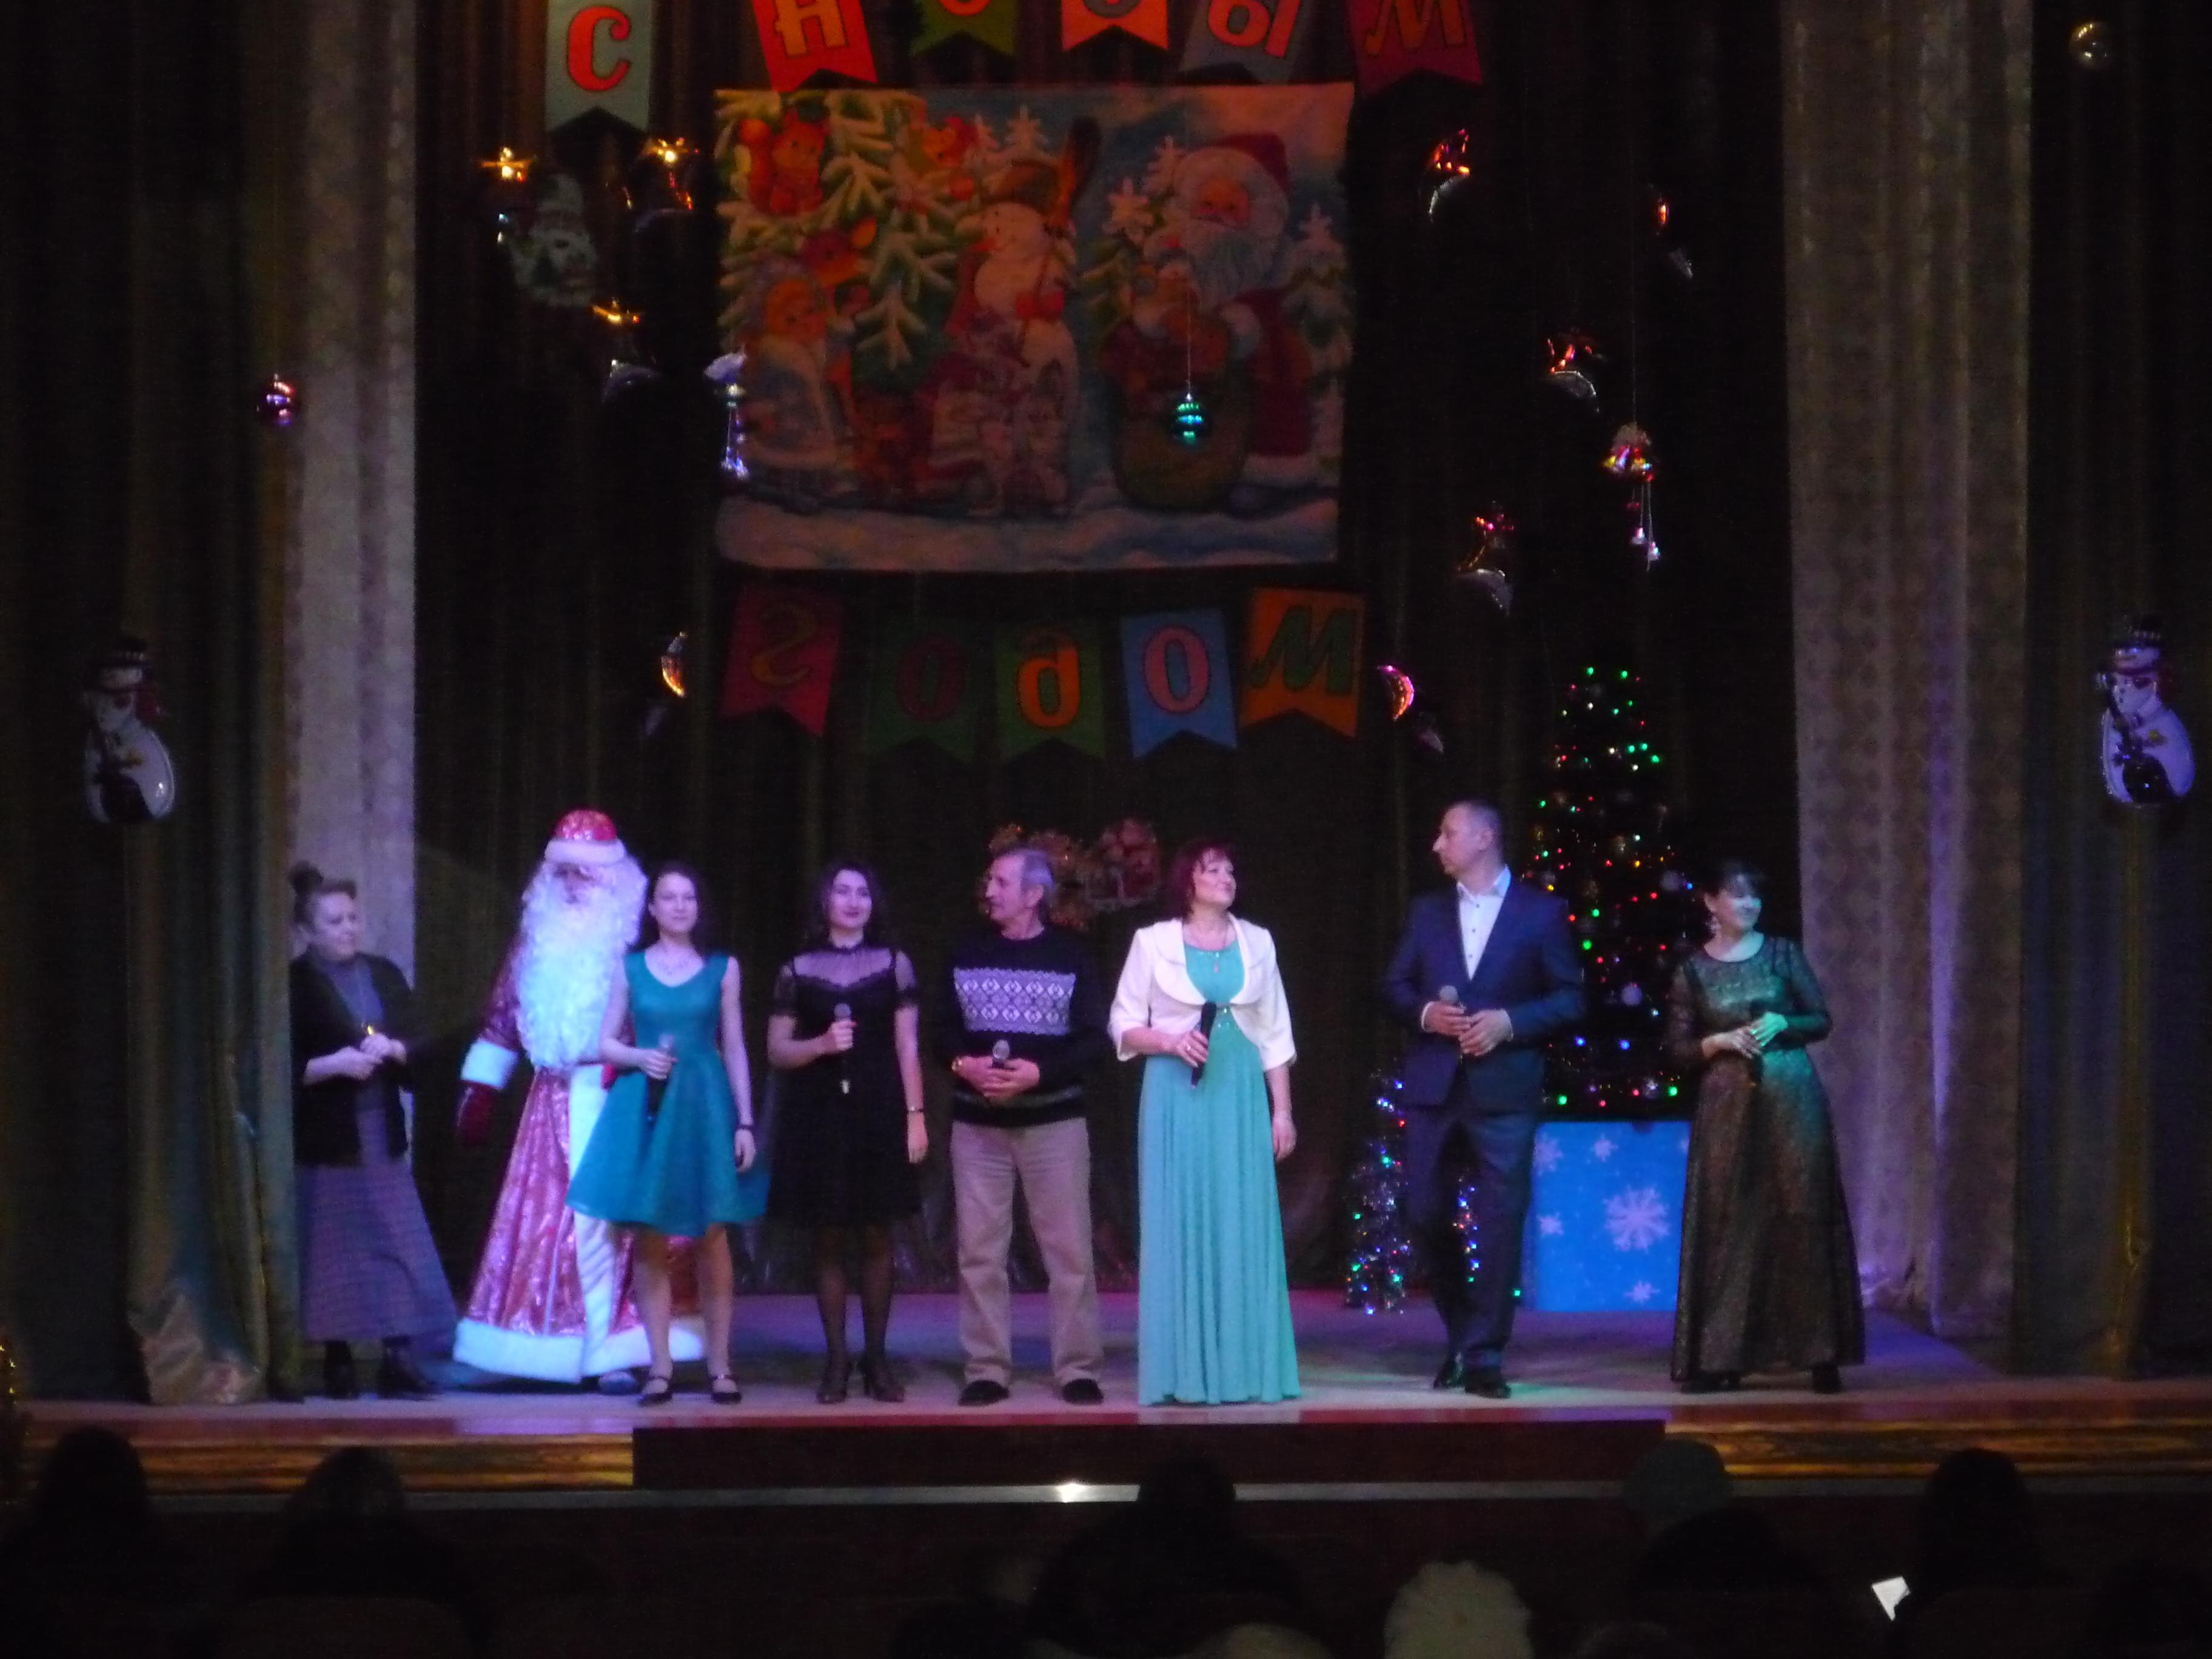 Альбом Концертно-развлекательная программа Новогодняя круговерть с конкурсной программой